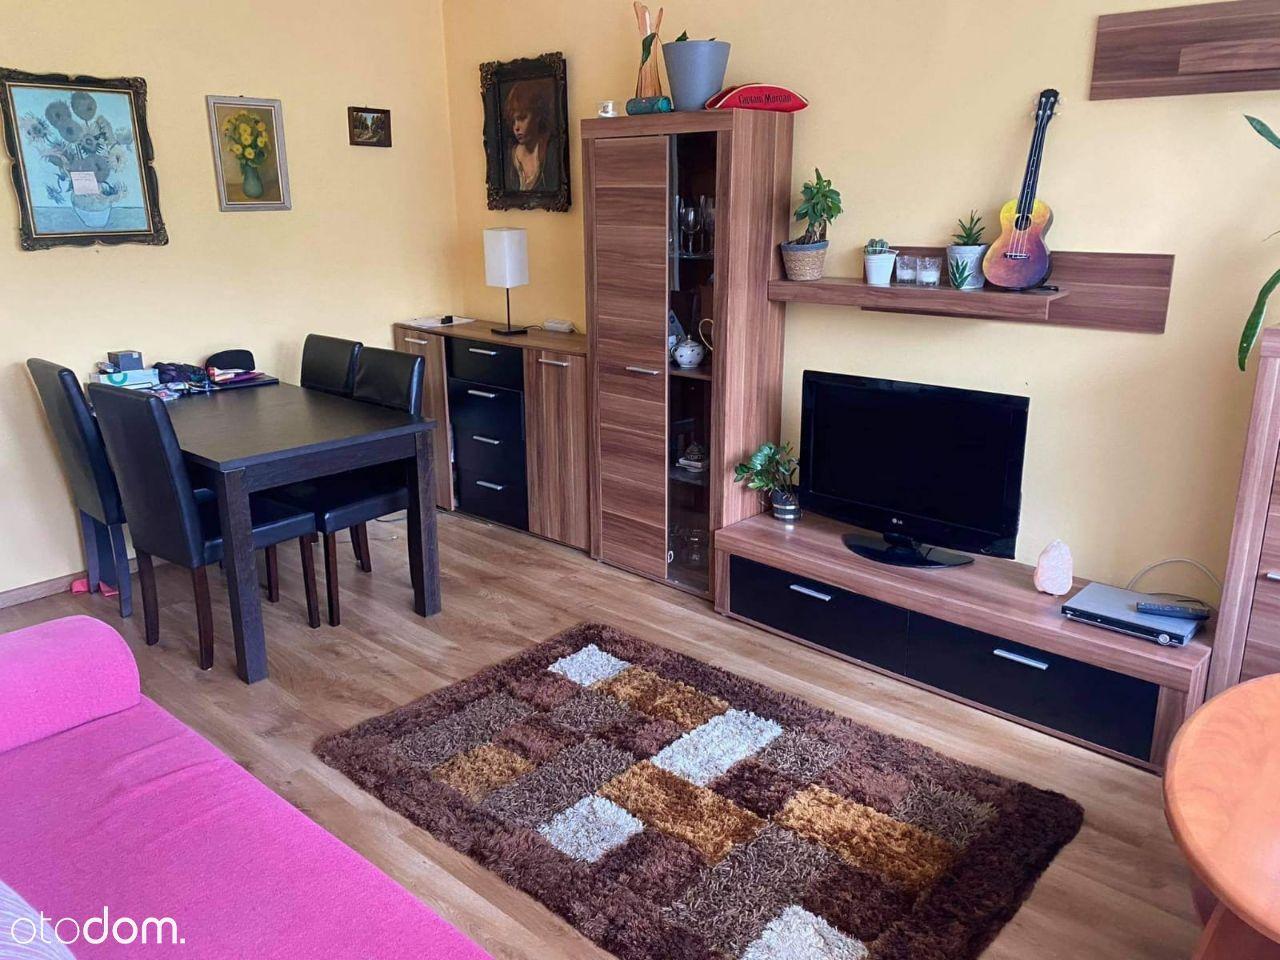 Mieszkanie wynajem Katowice Ligota 54m2, 3 pokoje